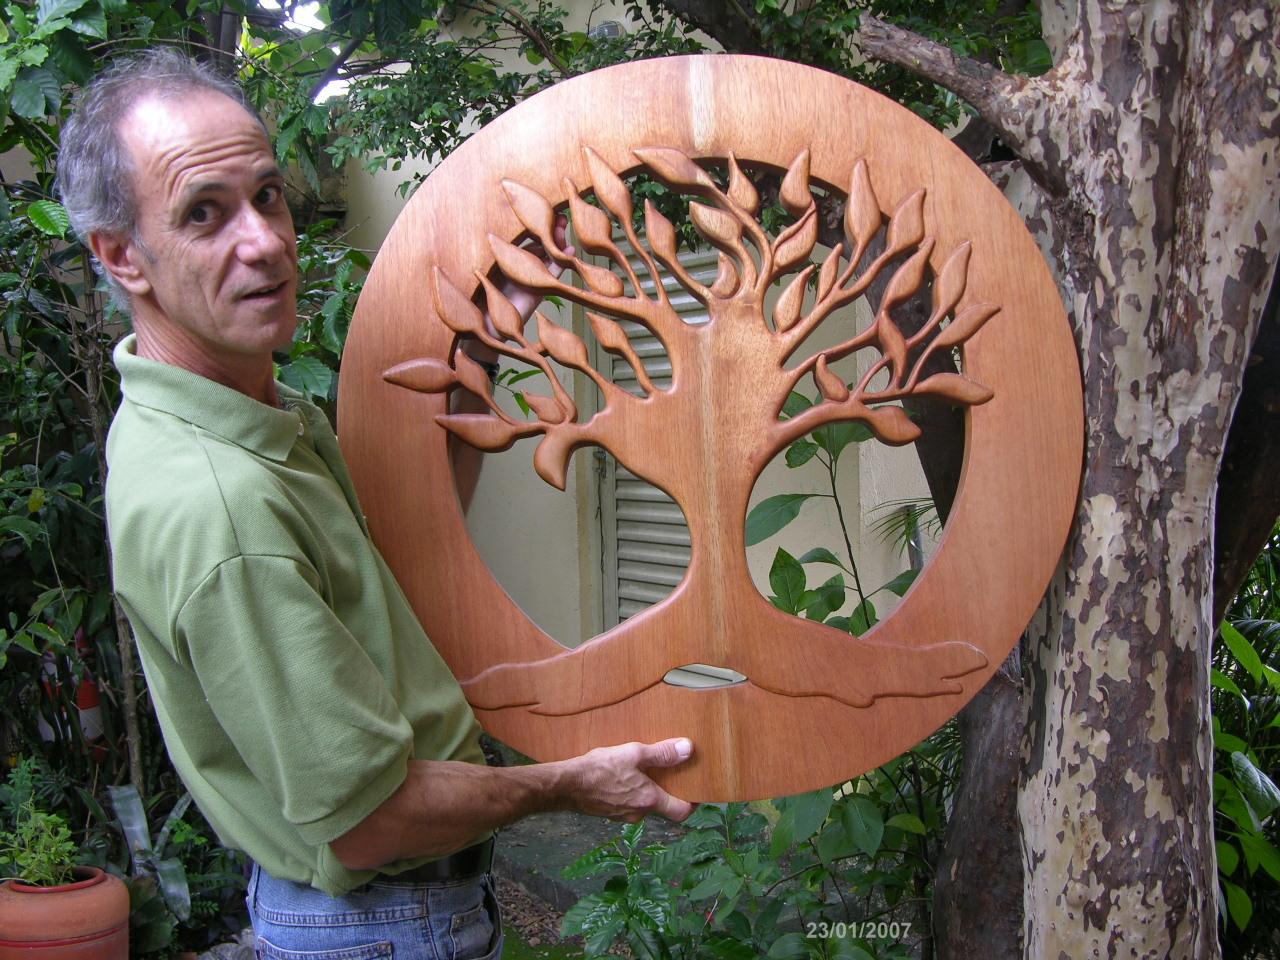 O artista plástico Sergio Monteiro de Castro e uma de suas obras em madeira: a Árvore da Vida